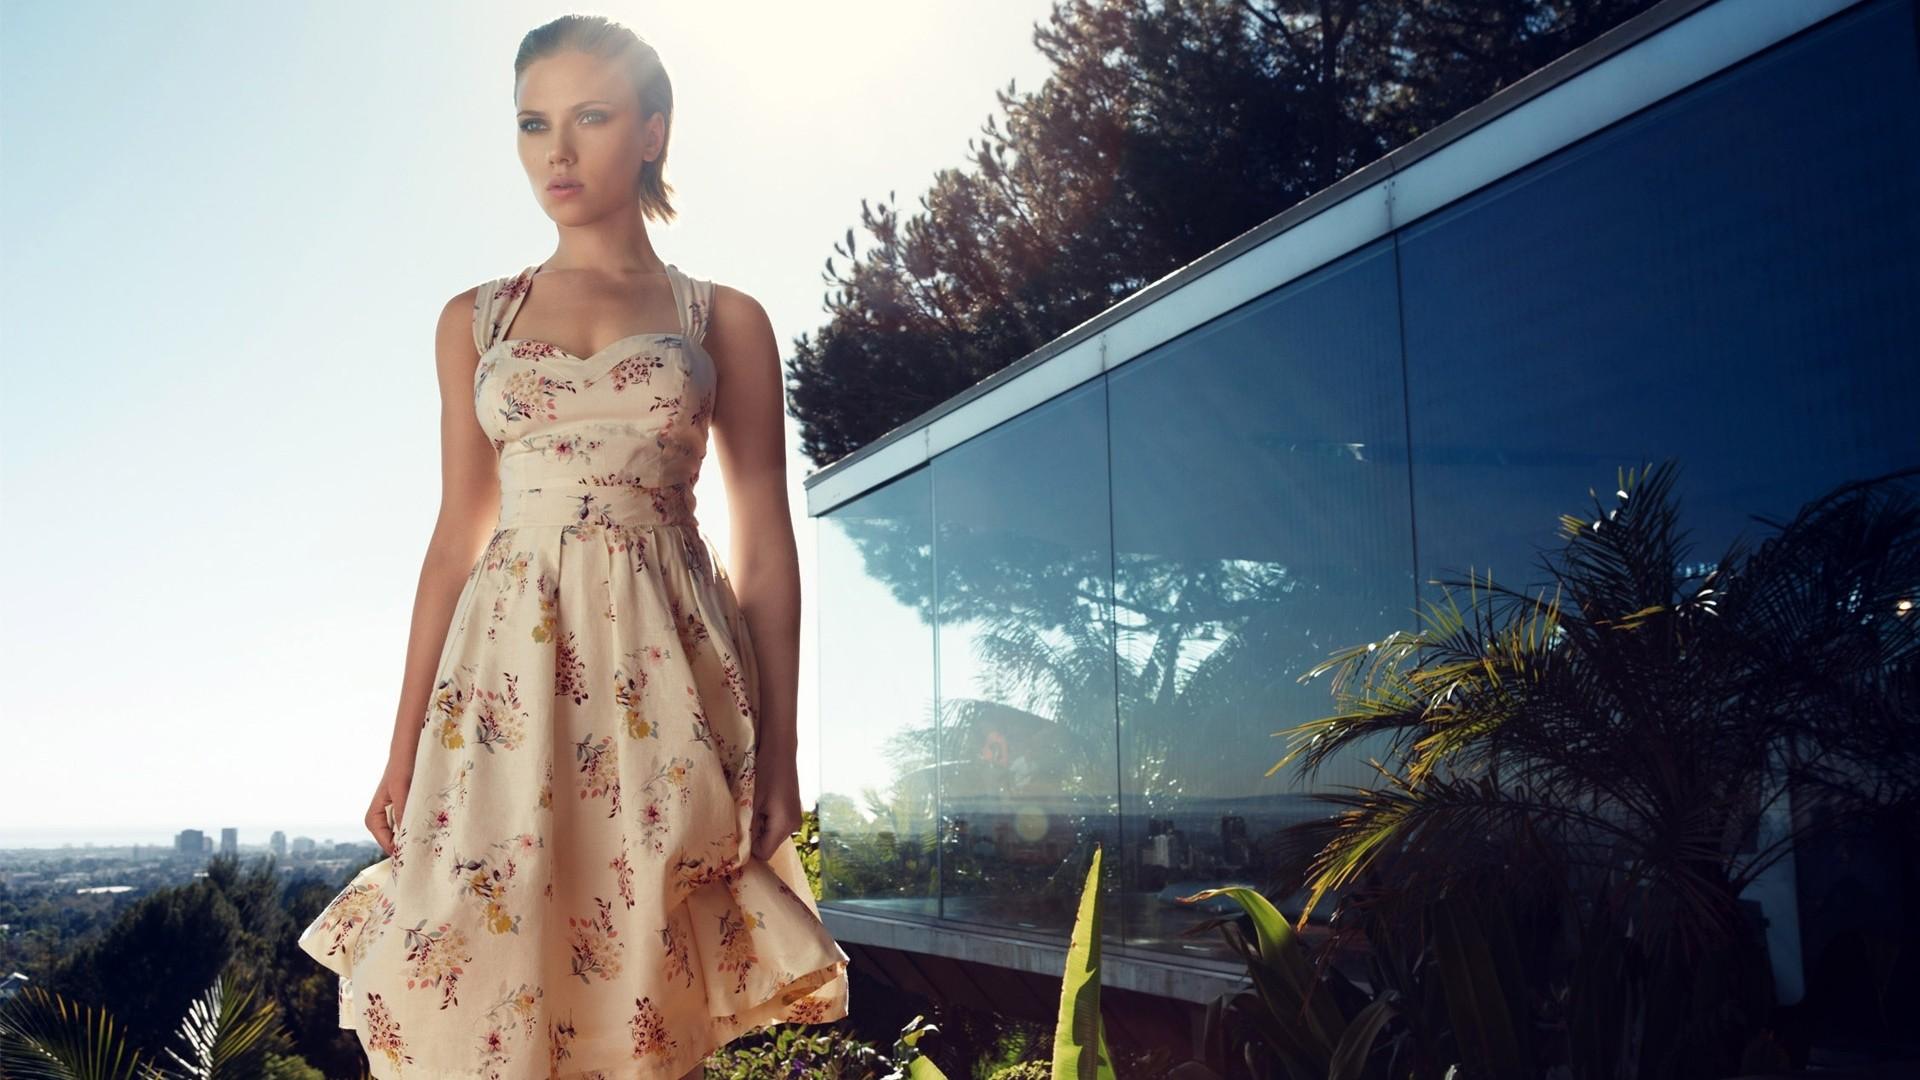 Wallpaper : women outdoors, model, celebrity, actress, dress ...